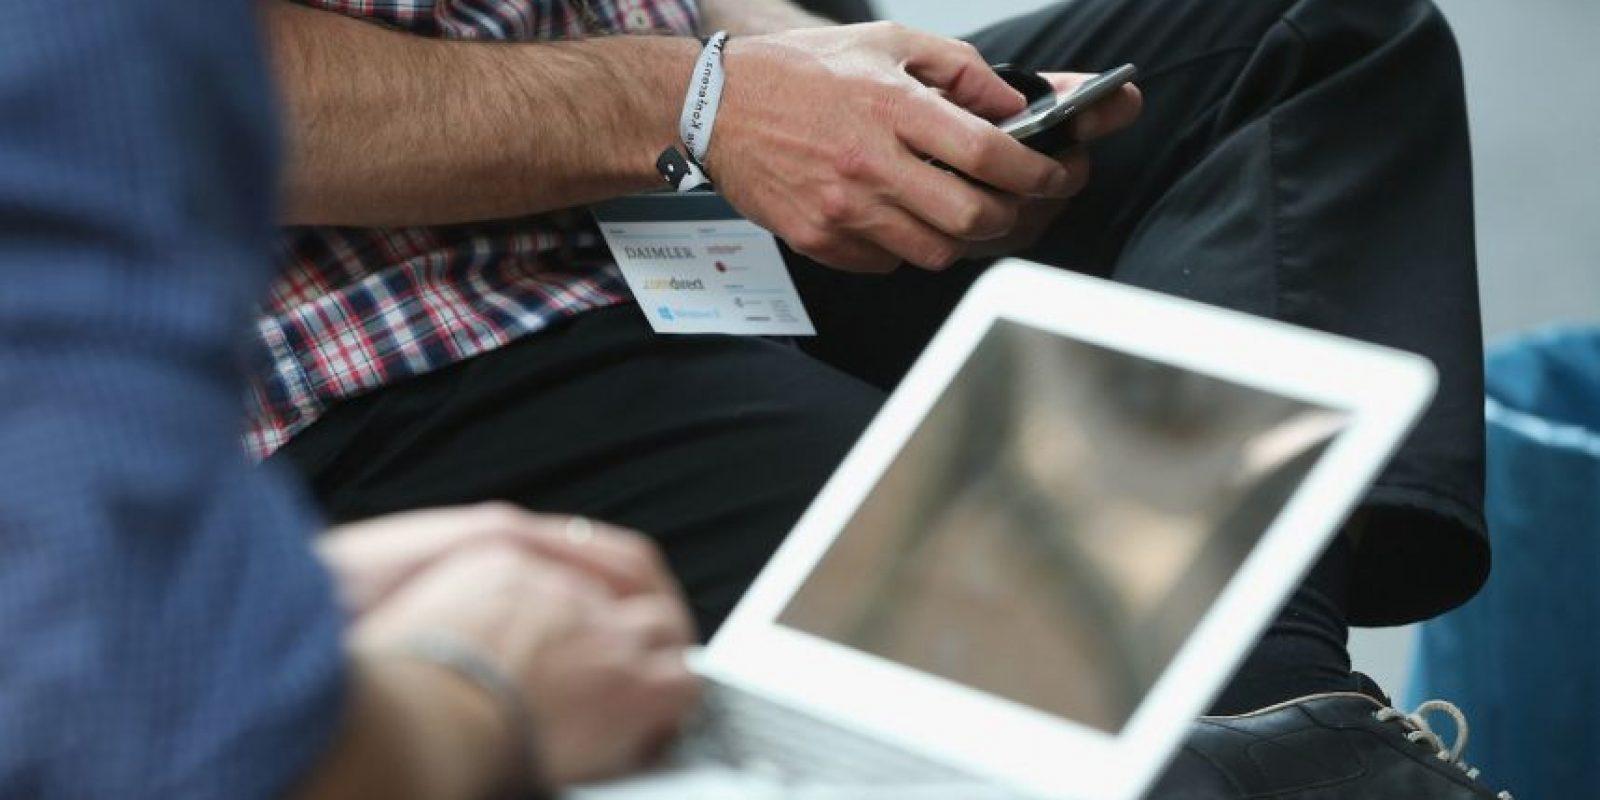 Antes de descargar una aplicación, tomen un momento para leer sobre ella. A veces, se descargan cosas que al final perturban más la rutina Foto:Sean Gallup/Getty Images